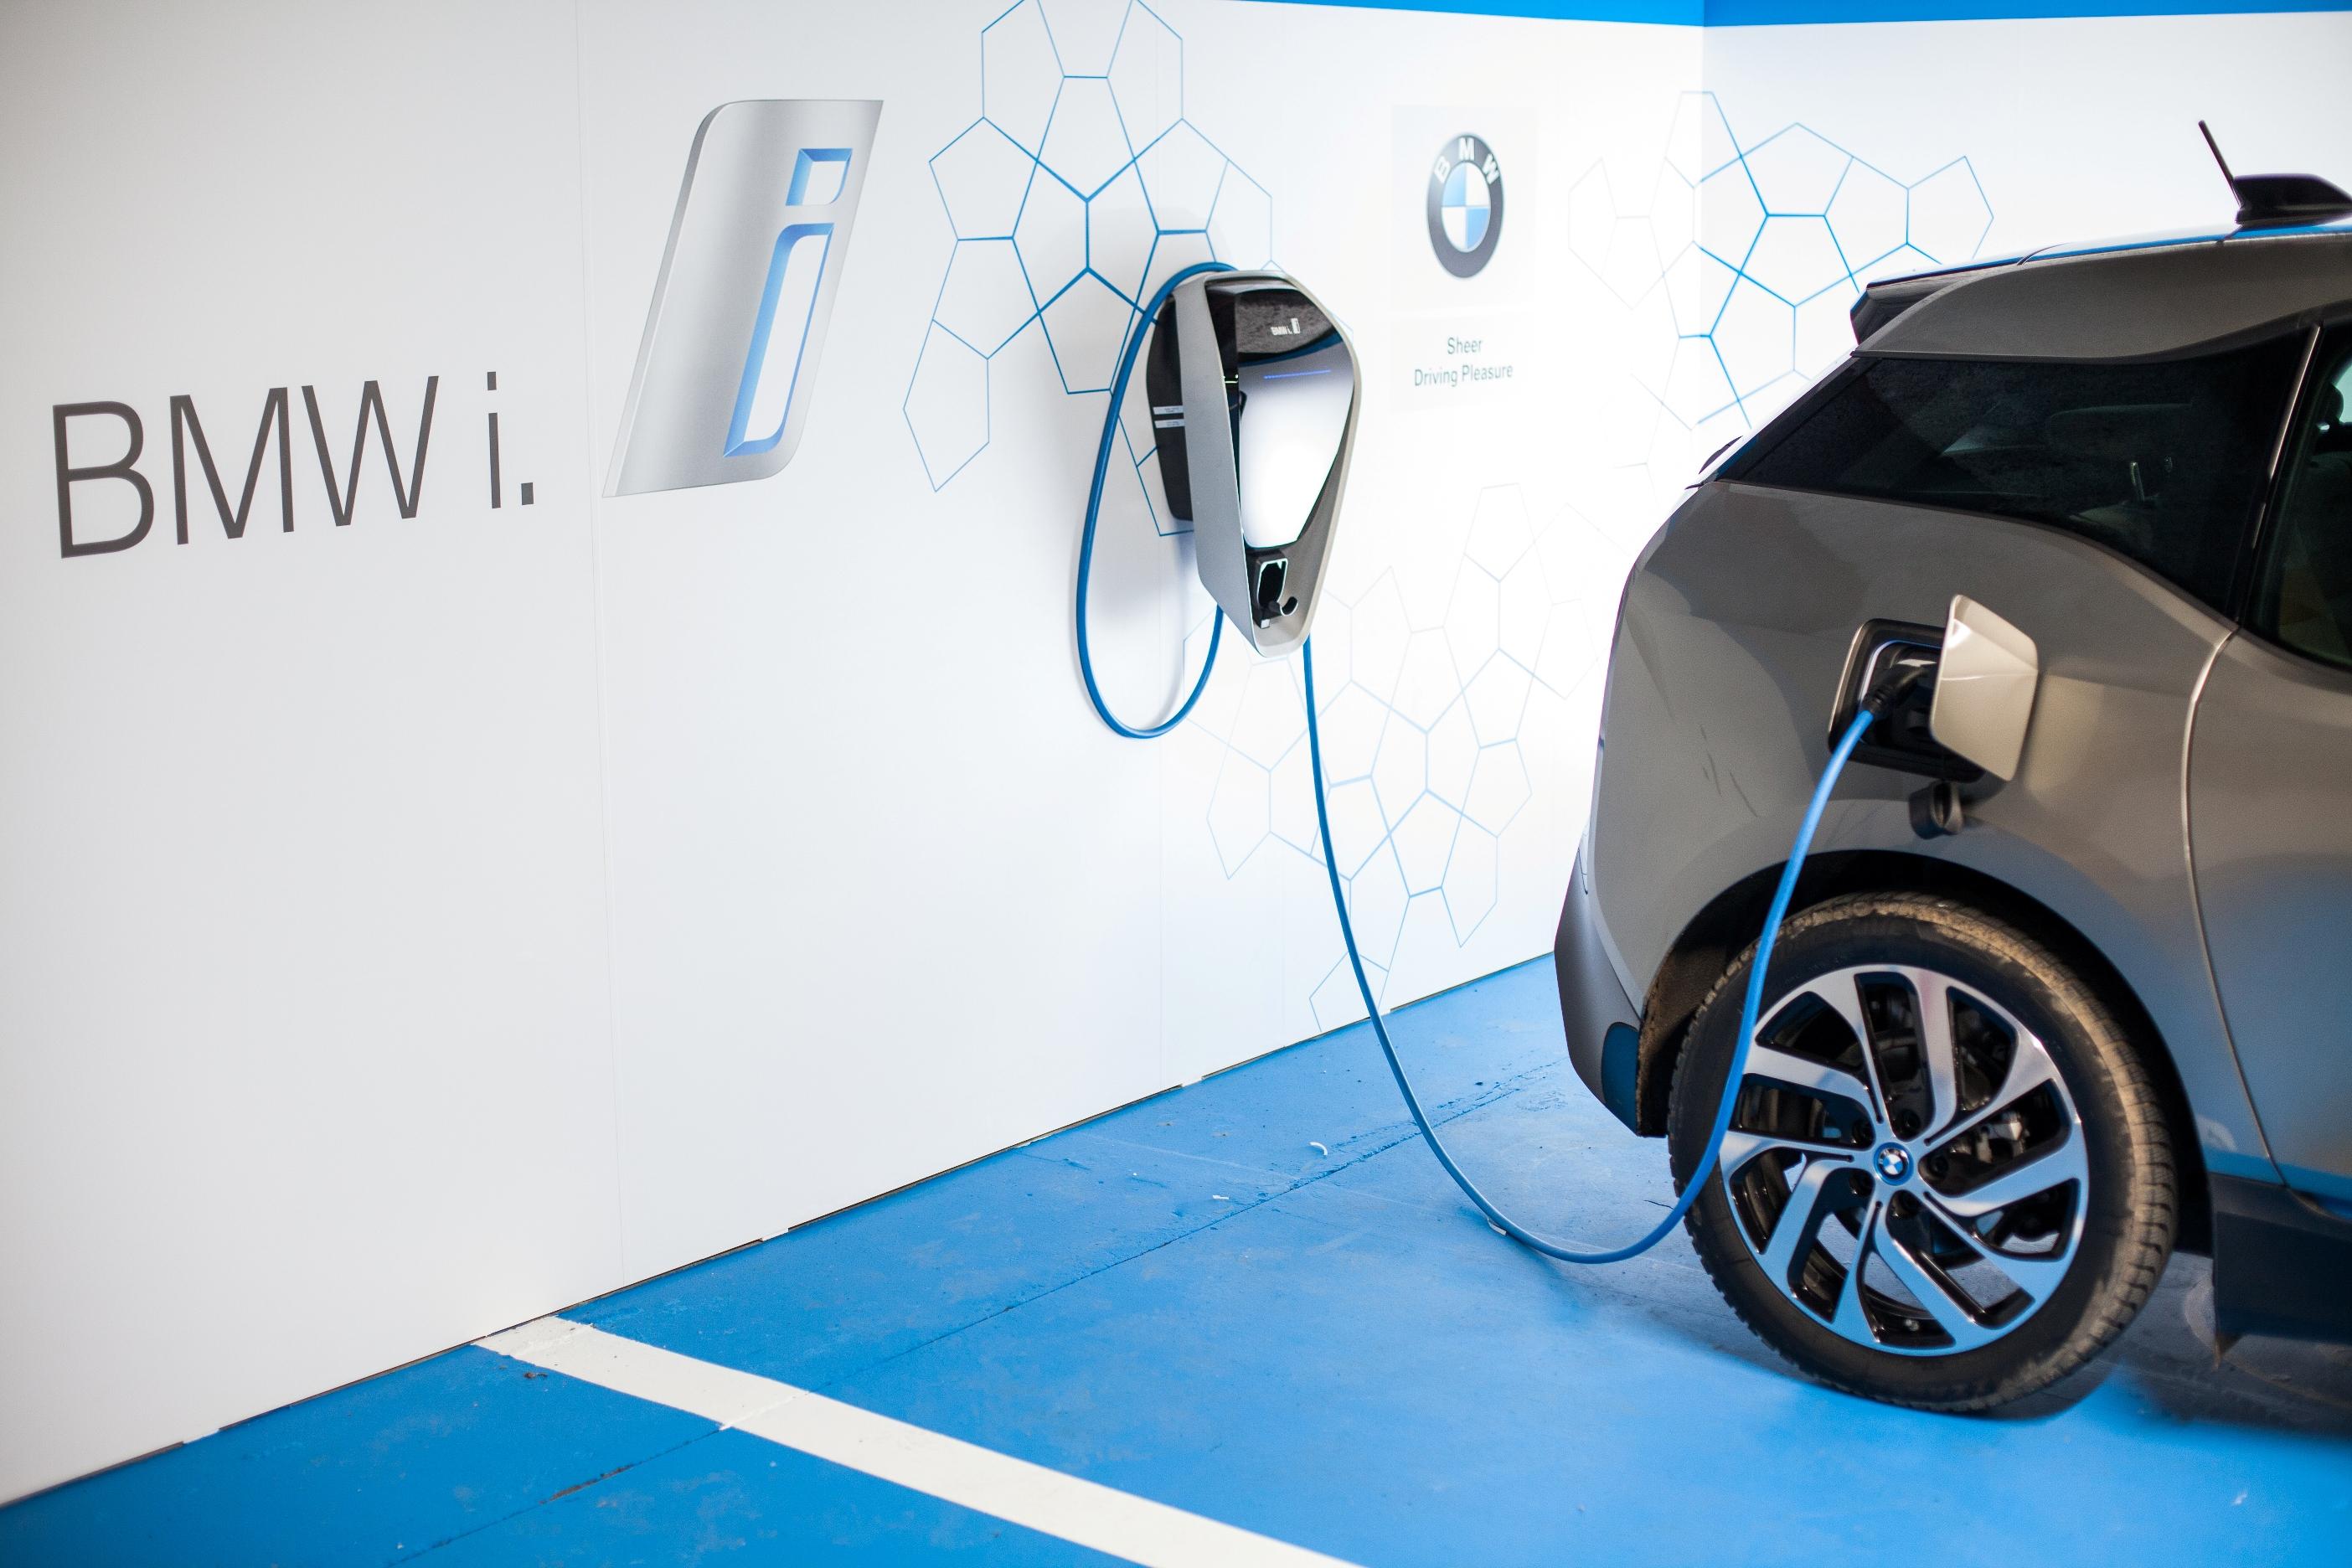 """""""BMW i ChargeForward"""" arătă cum încărcarea inteligentă poate aduce beneficii atât pentru mobilitatea electrică, cât şi pentru viitorul energiei durabile"""